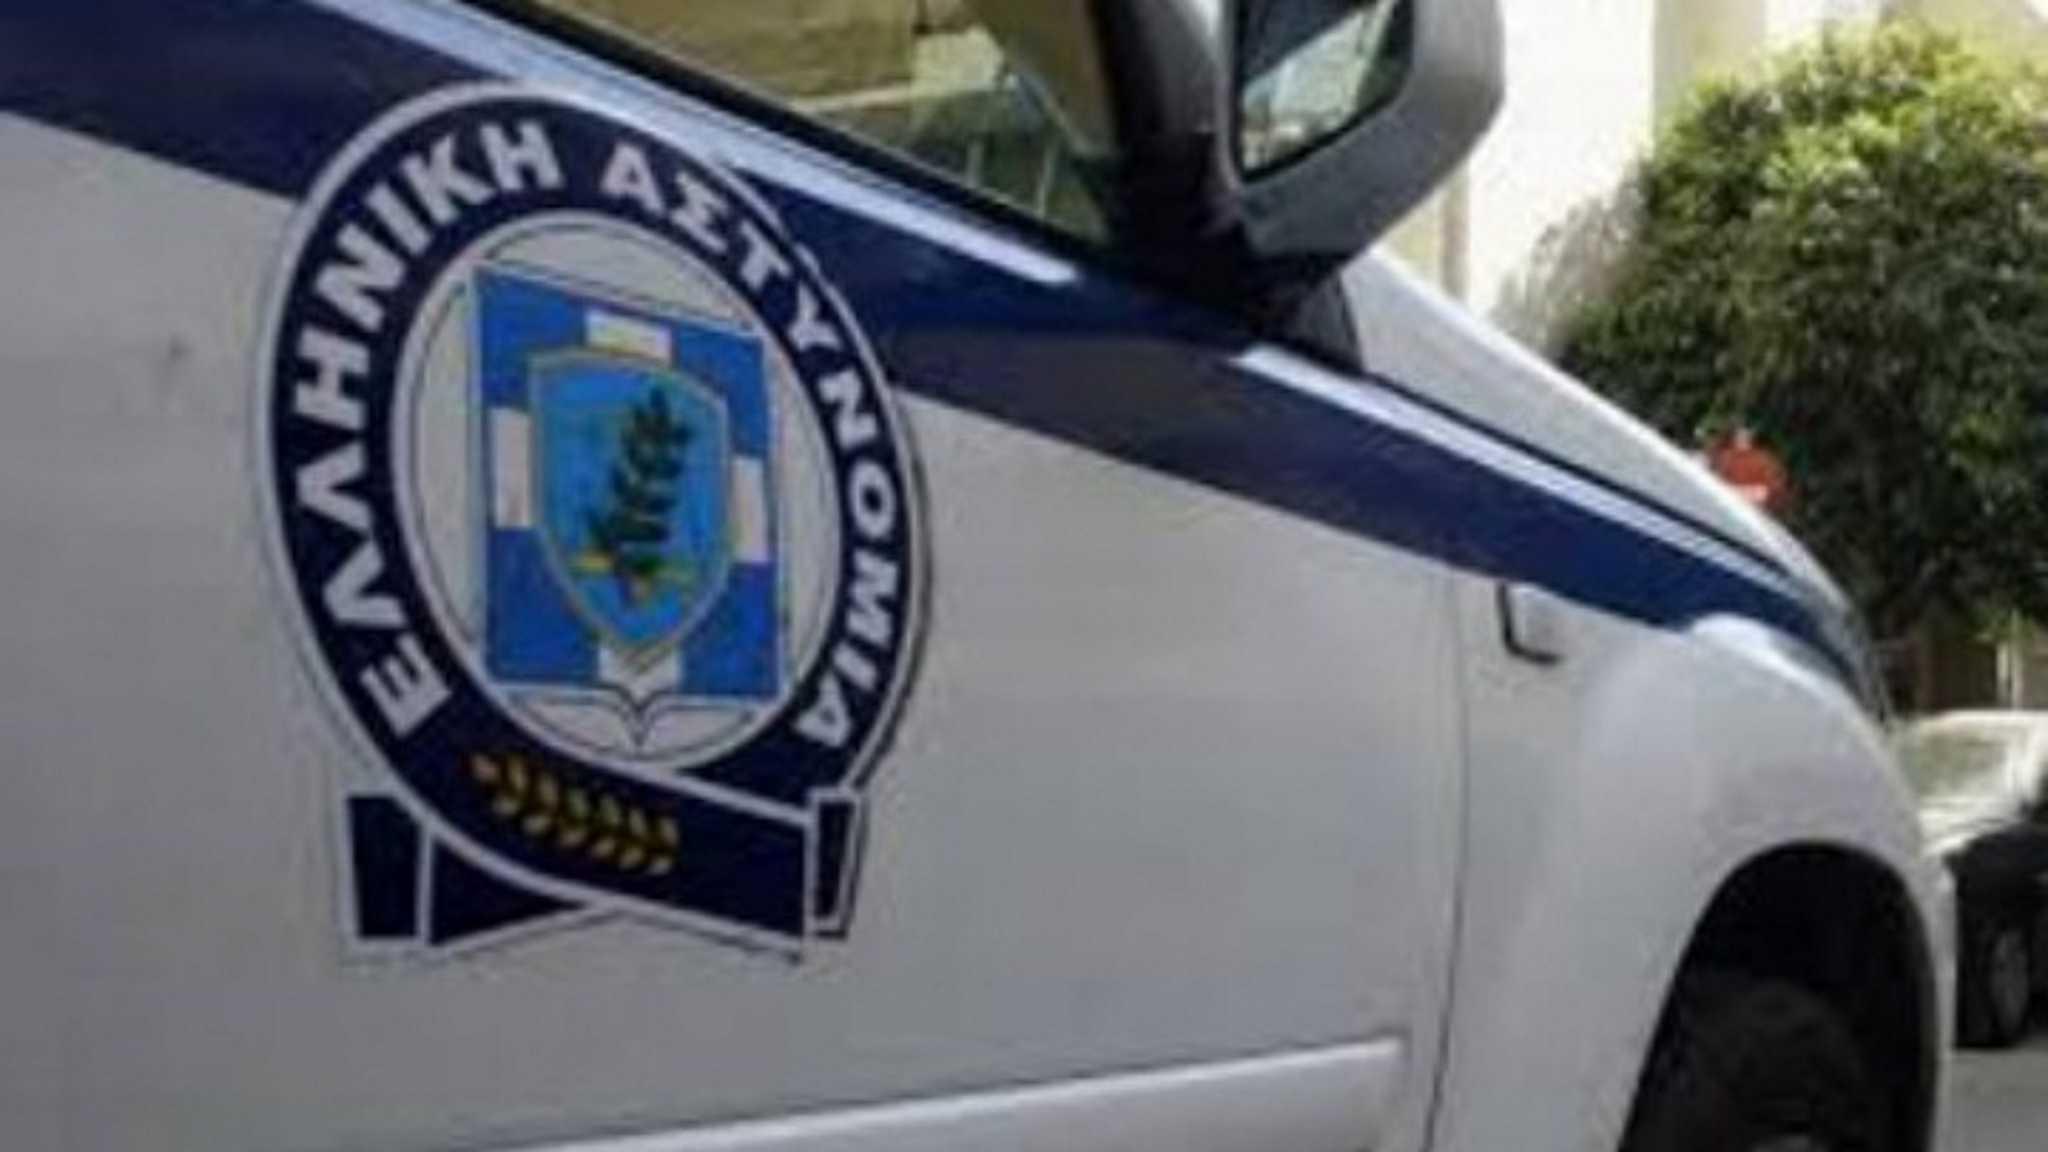 Χαλκιδική: Τι δείχνουν τα πρώτα ευρήματα για το πτώμα που βρέθηκε στην Χανιώτη